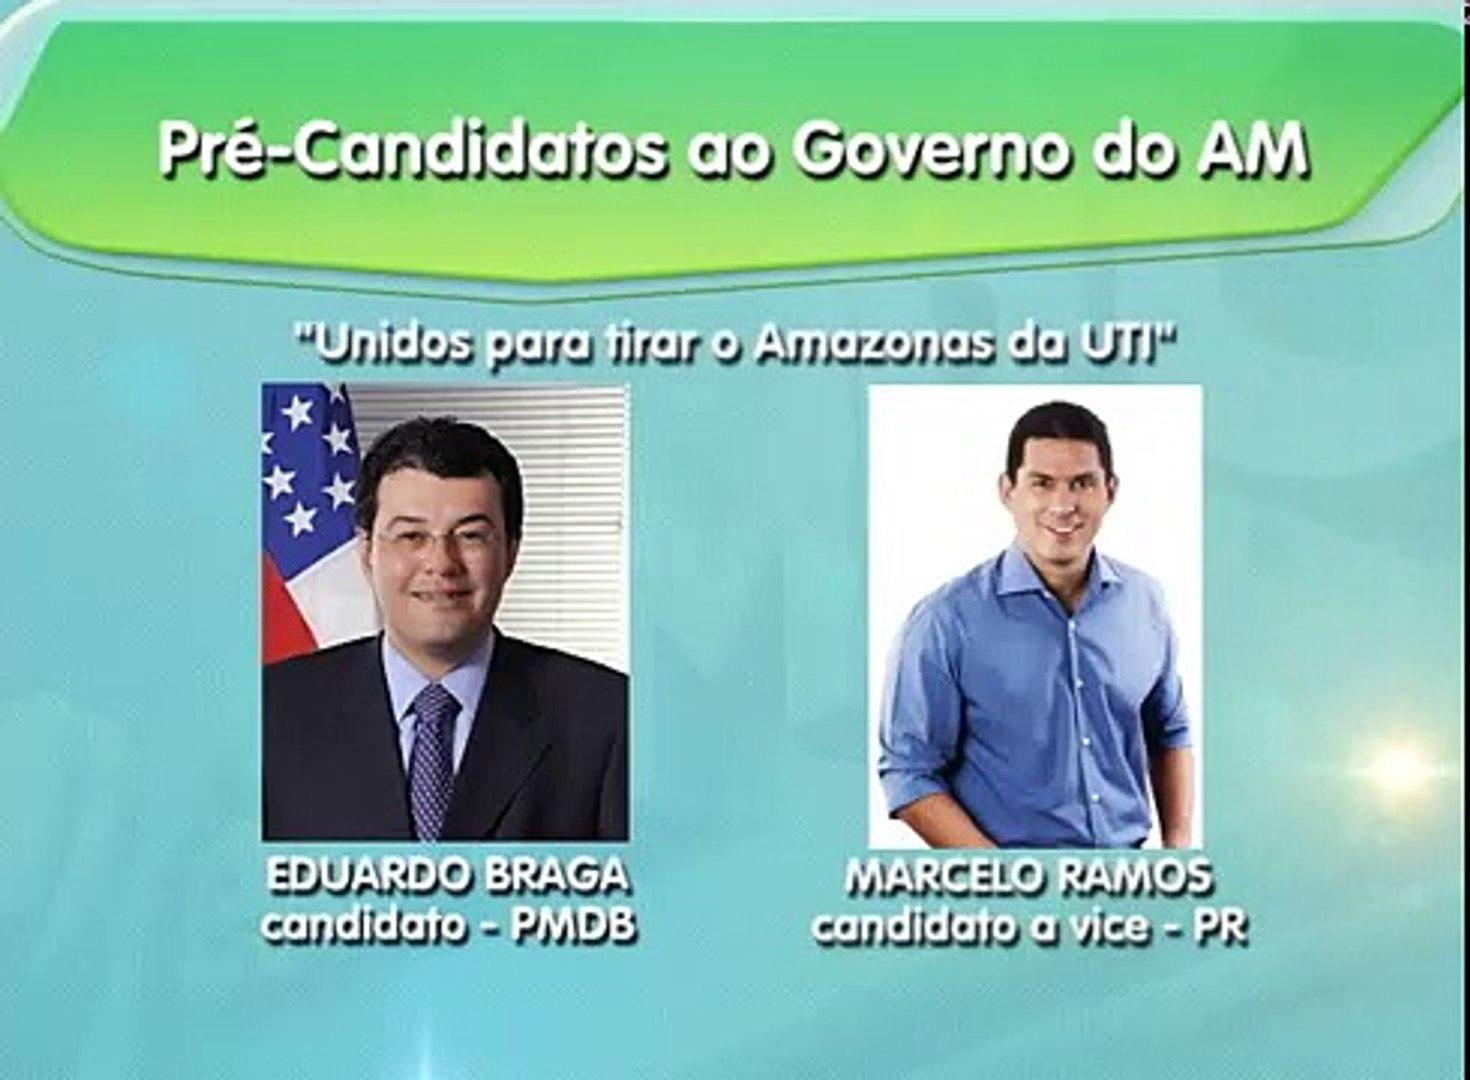 Pré Candidatos ao Governo do Amazonas em 2017